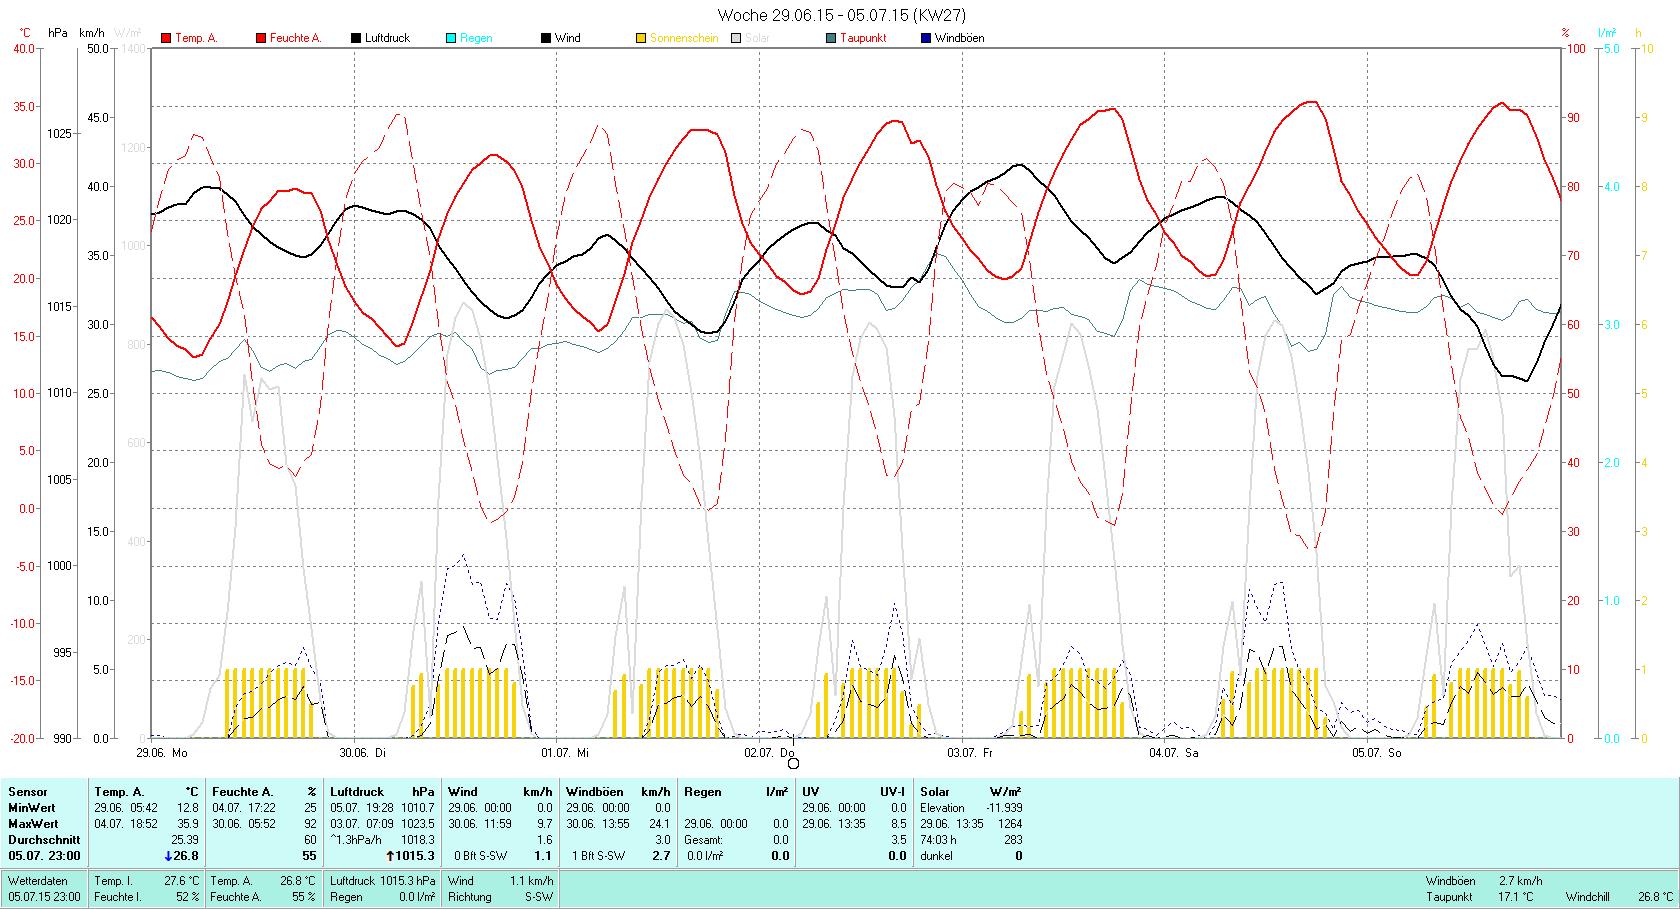 KW 27 Tmin 12.8°C, Tmax 35.9°C, Sonne 74:03h, Niederschlag 0.0mm/2